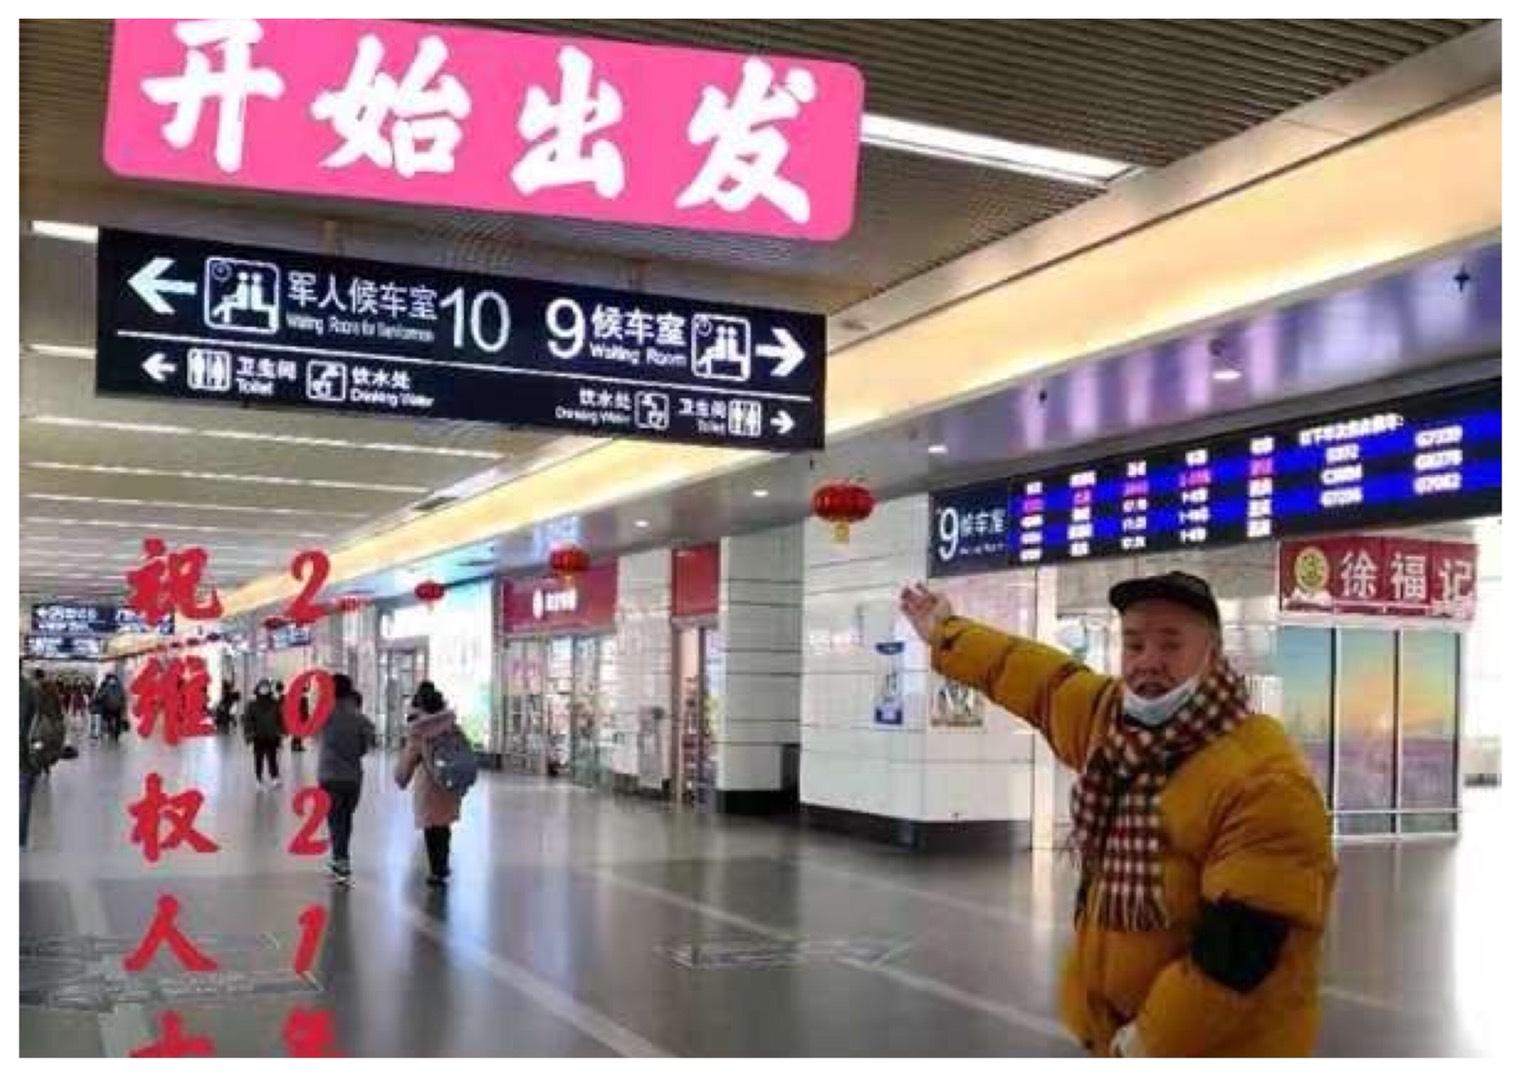 新年伊始,大批訪民不畏艱辛趕往北京維權。(受訪者提供)